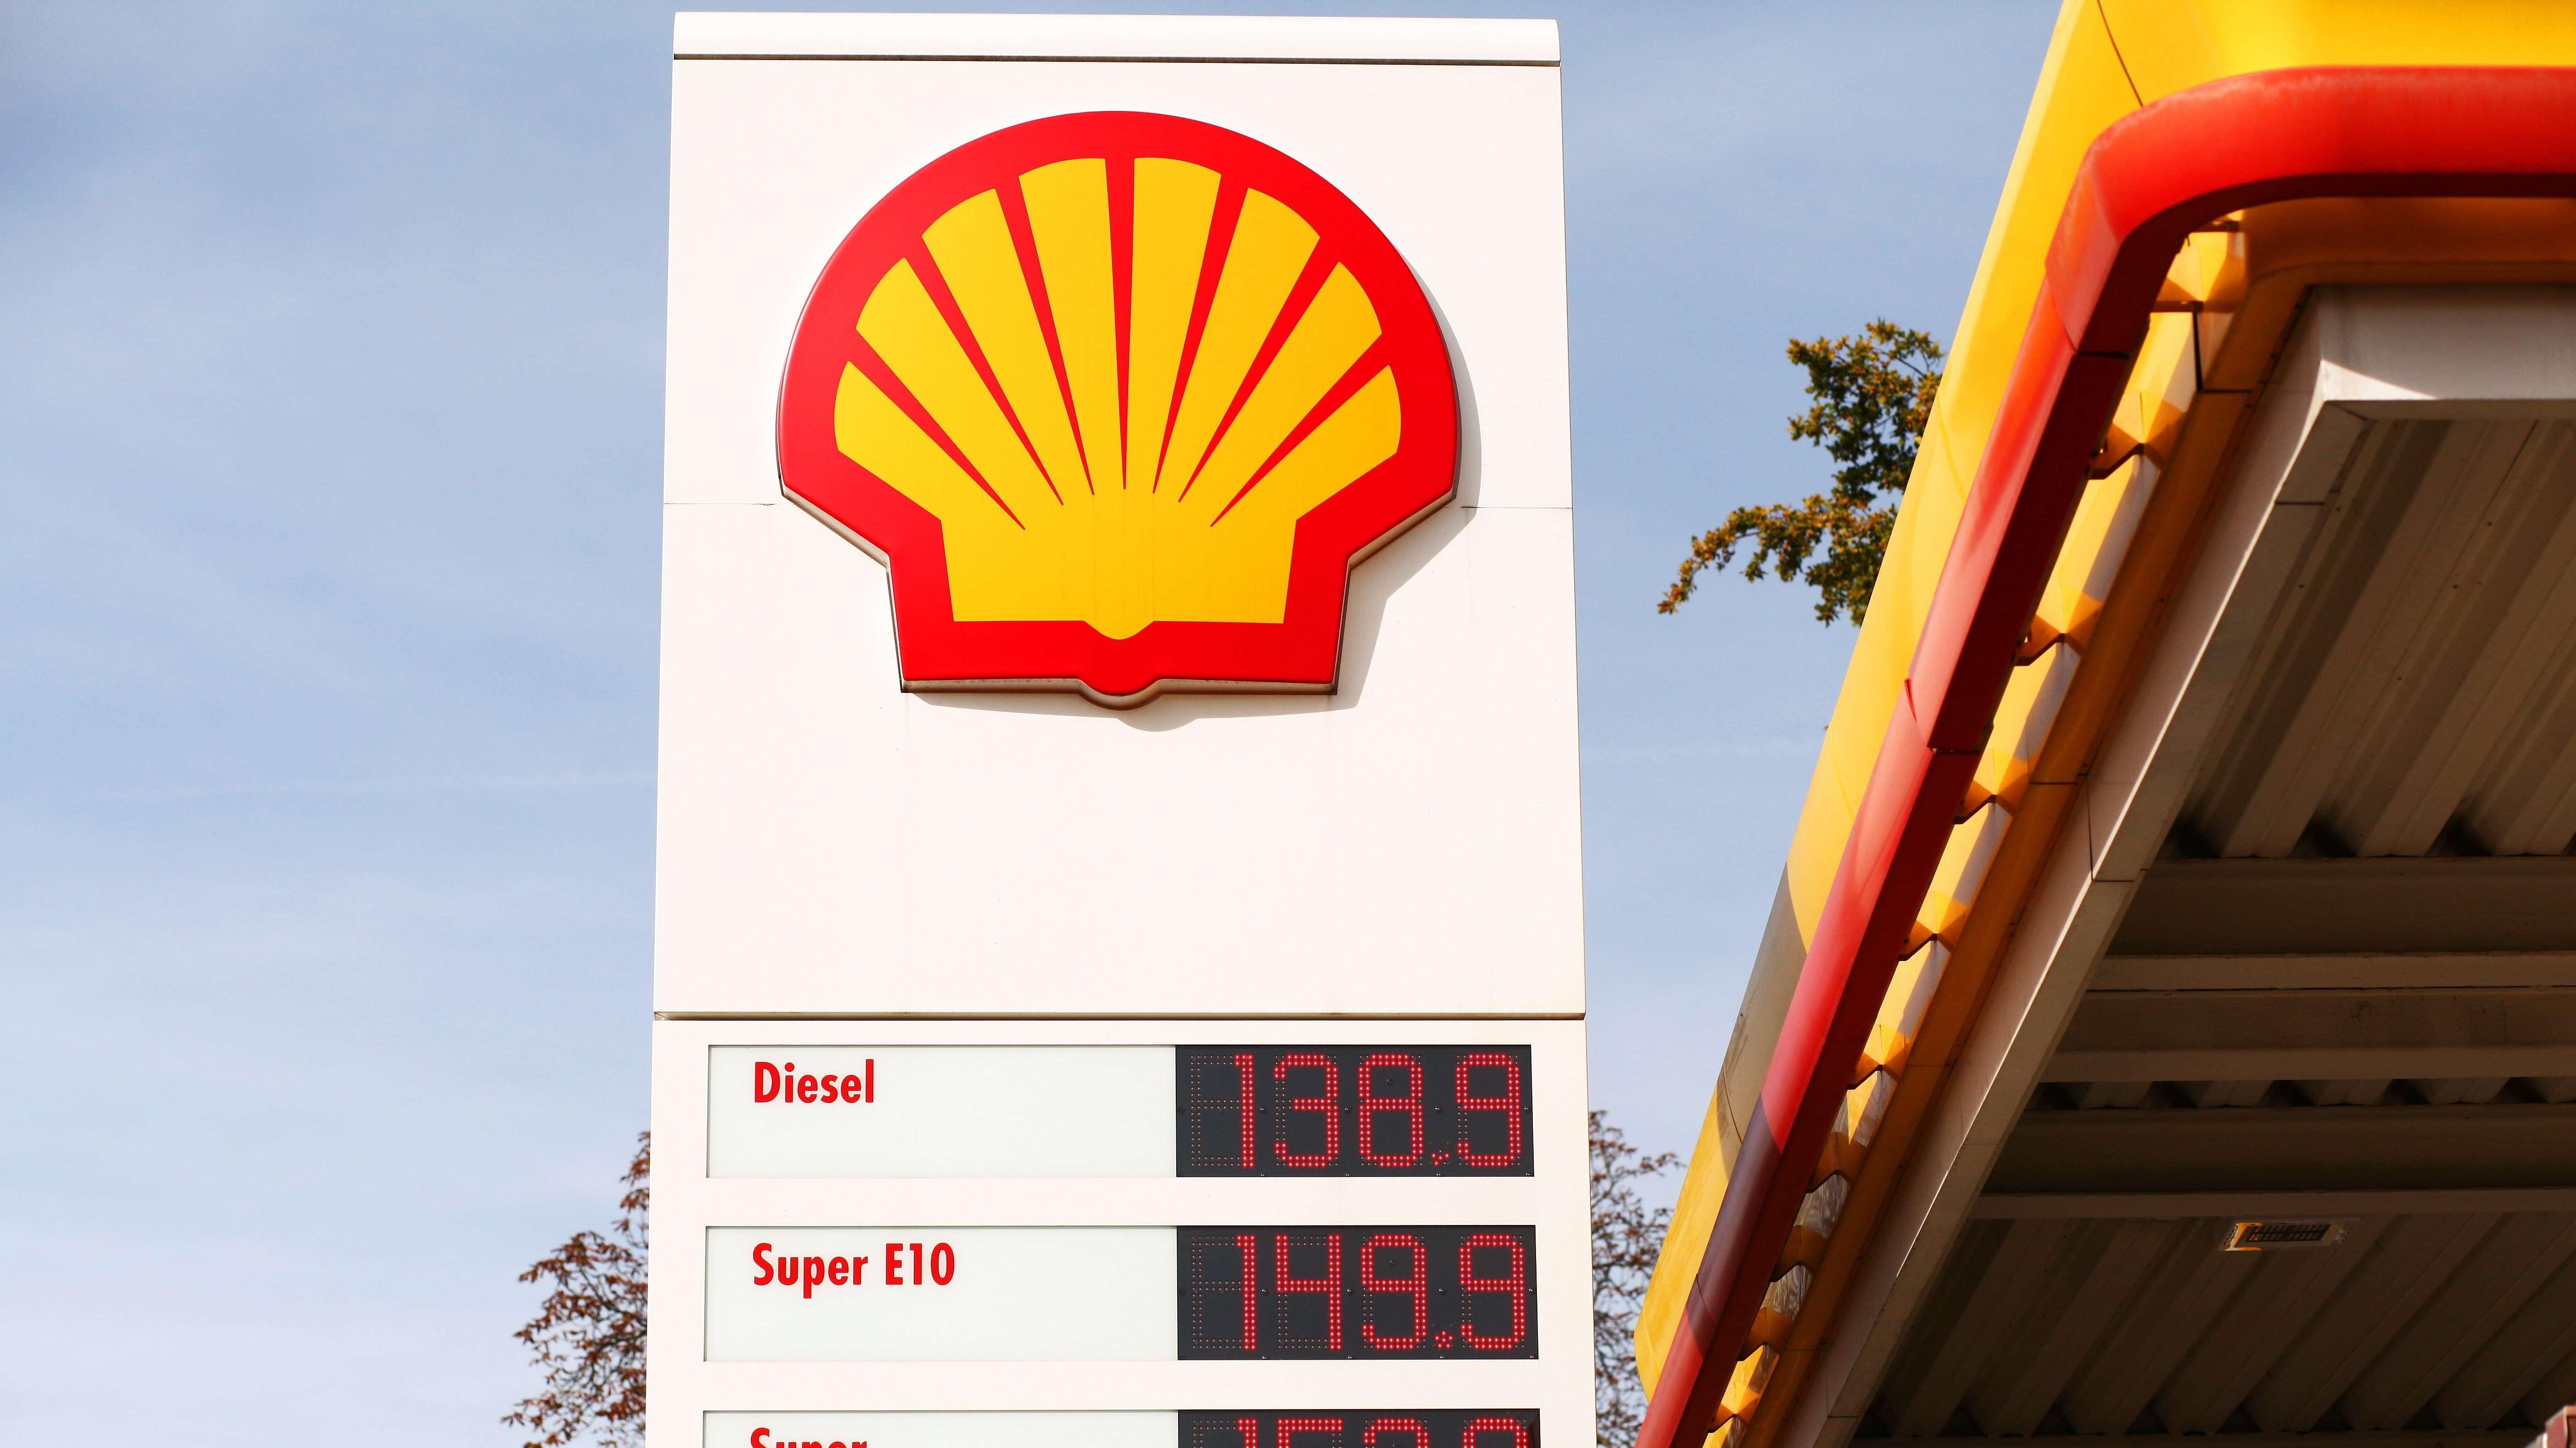 Das Logo einer Shelltankstelle.